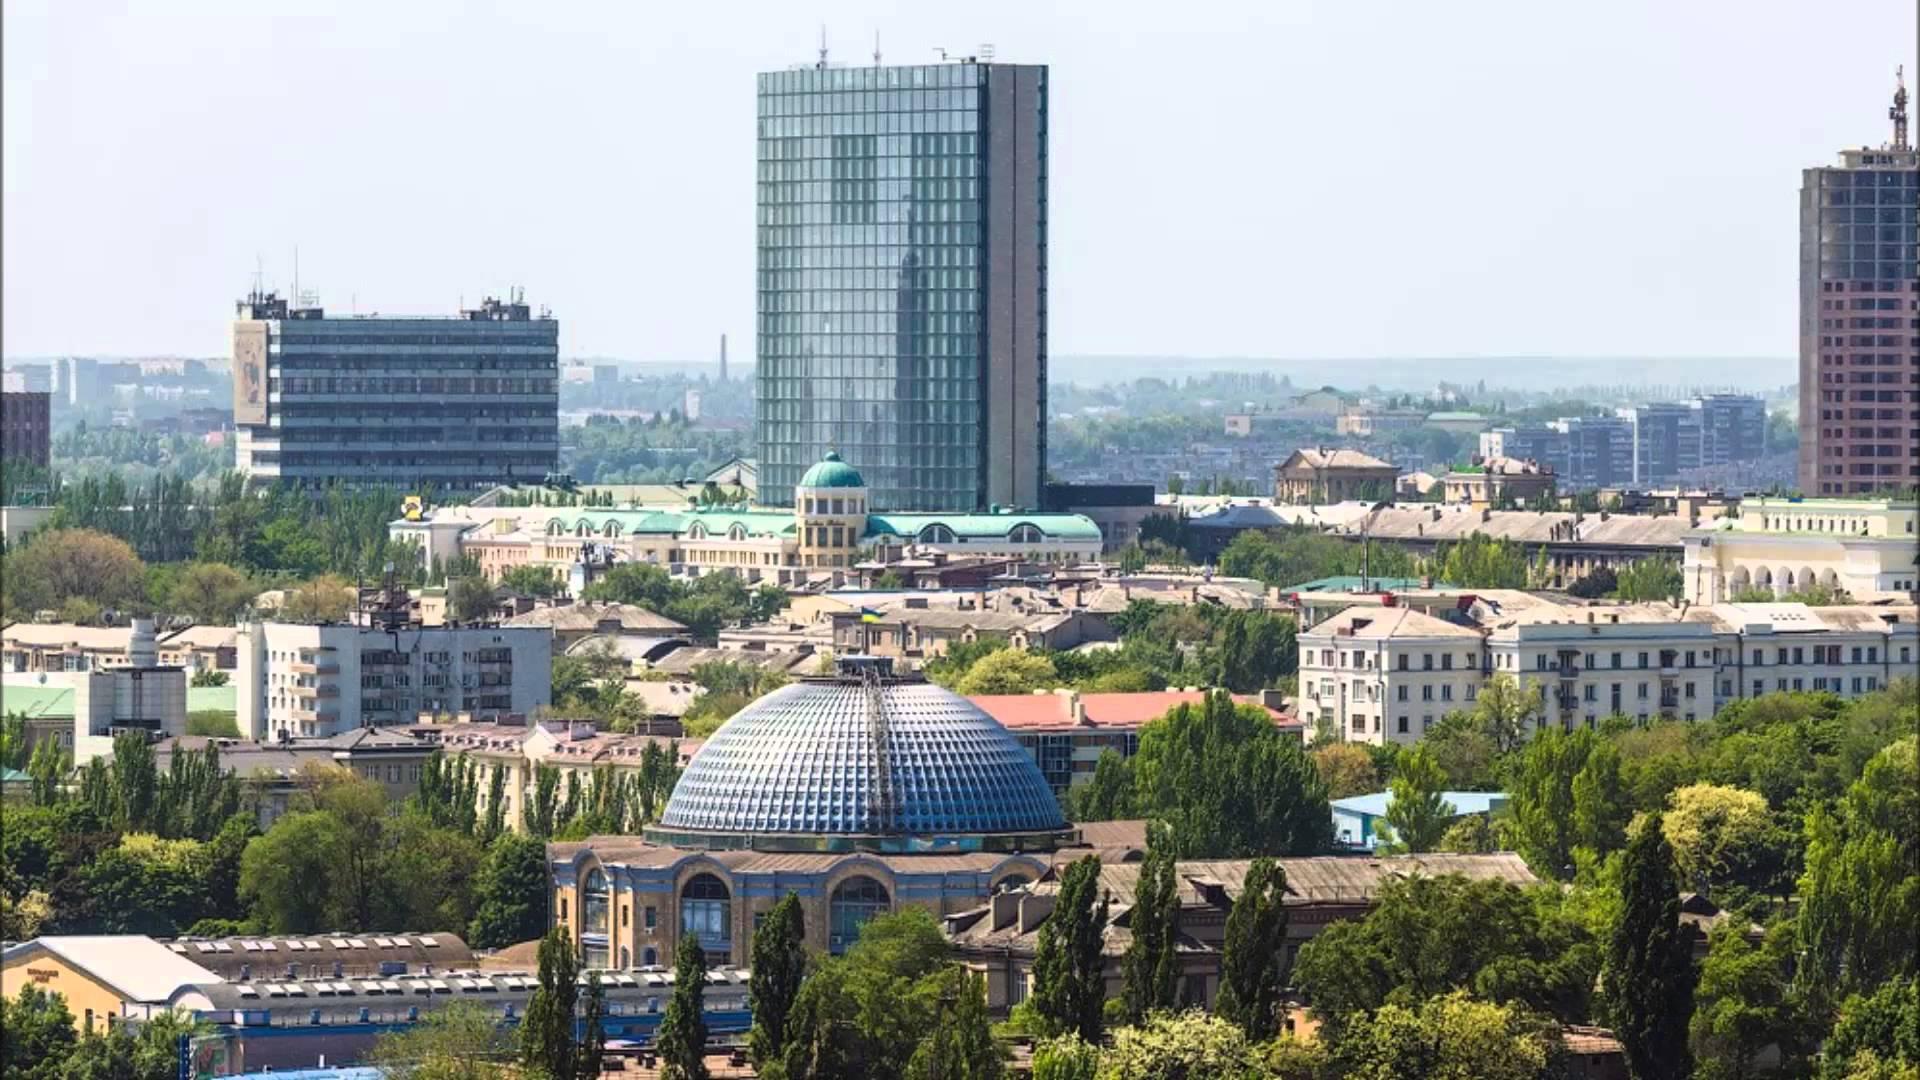 Ситуация в Донецке: новости, курс валют, цены на продукты 30.03.2016